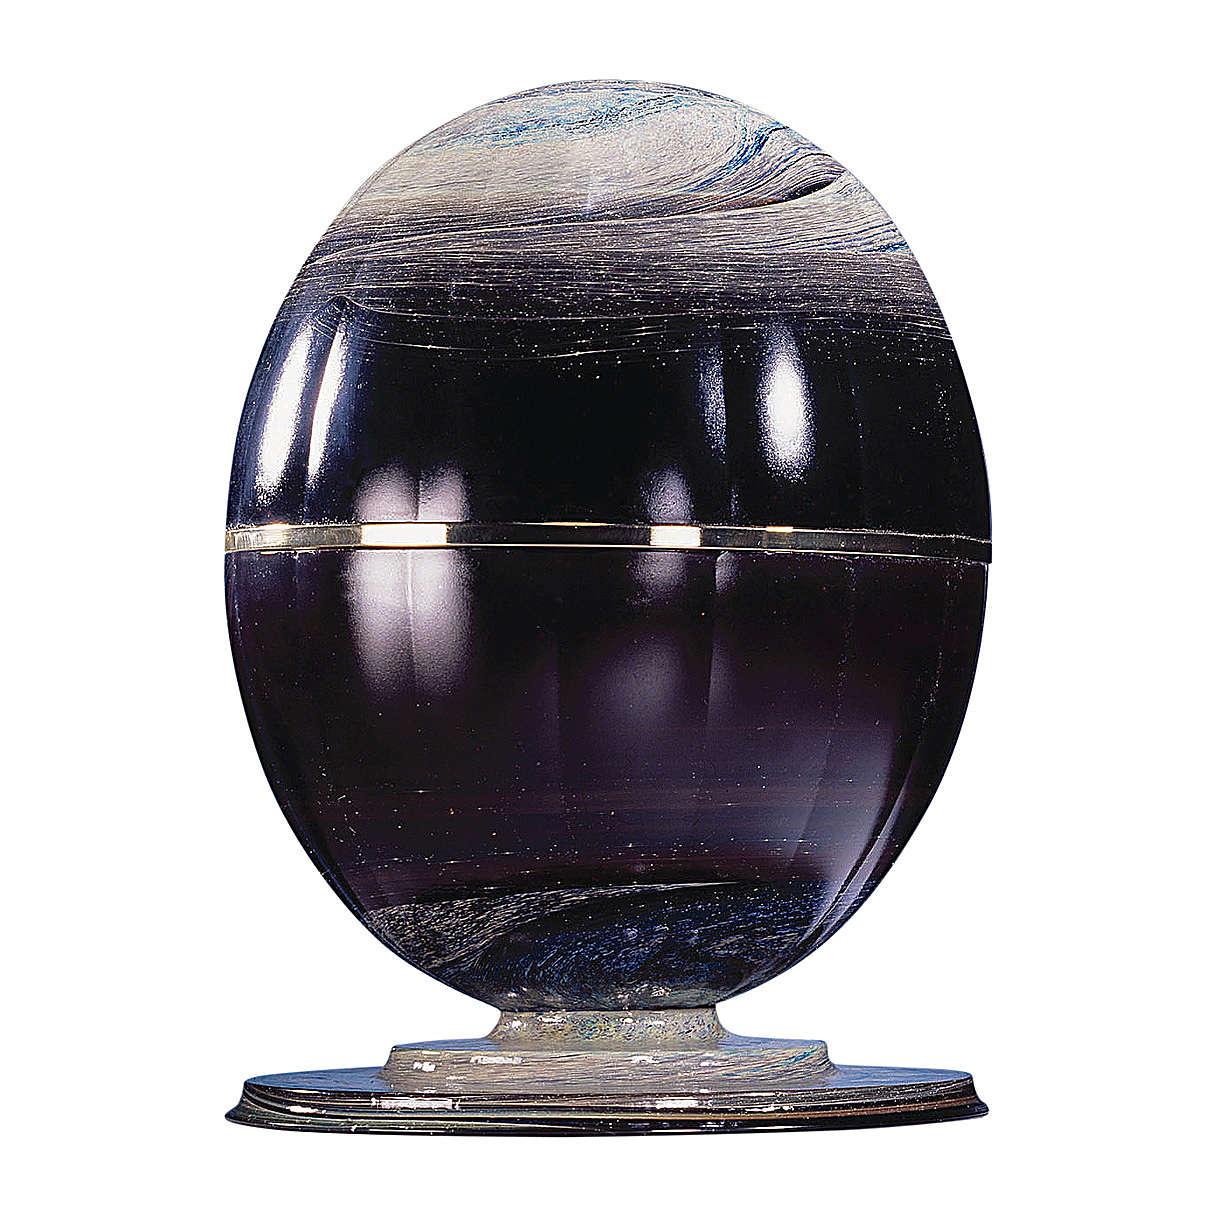 Meteorite funeral urn in Murano glass and steel sphere 3